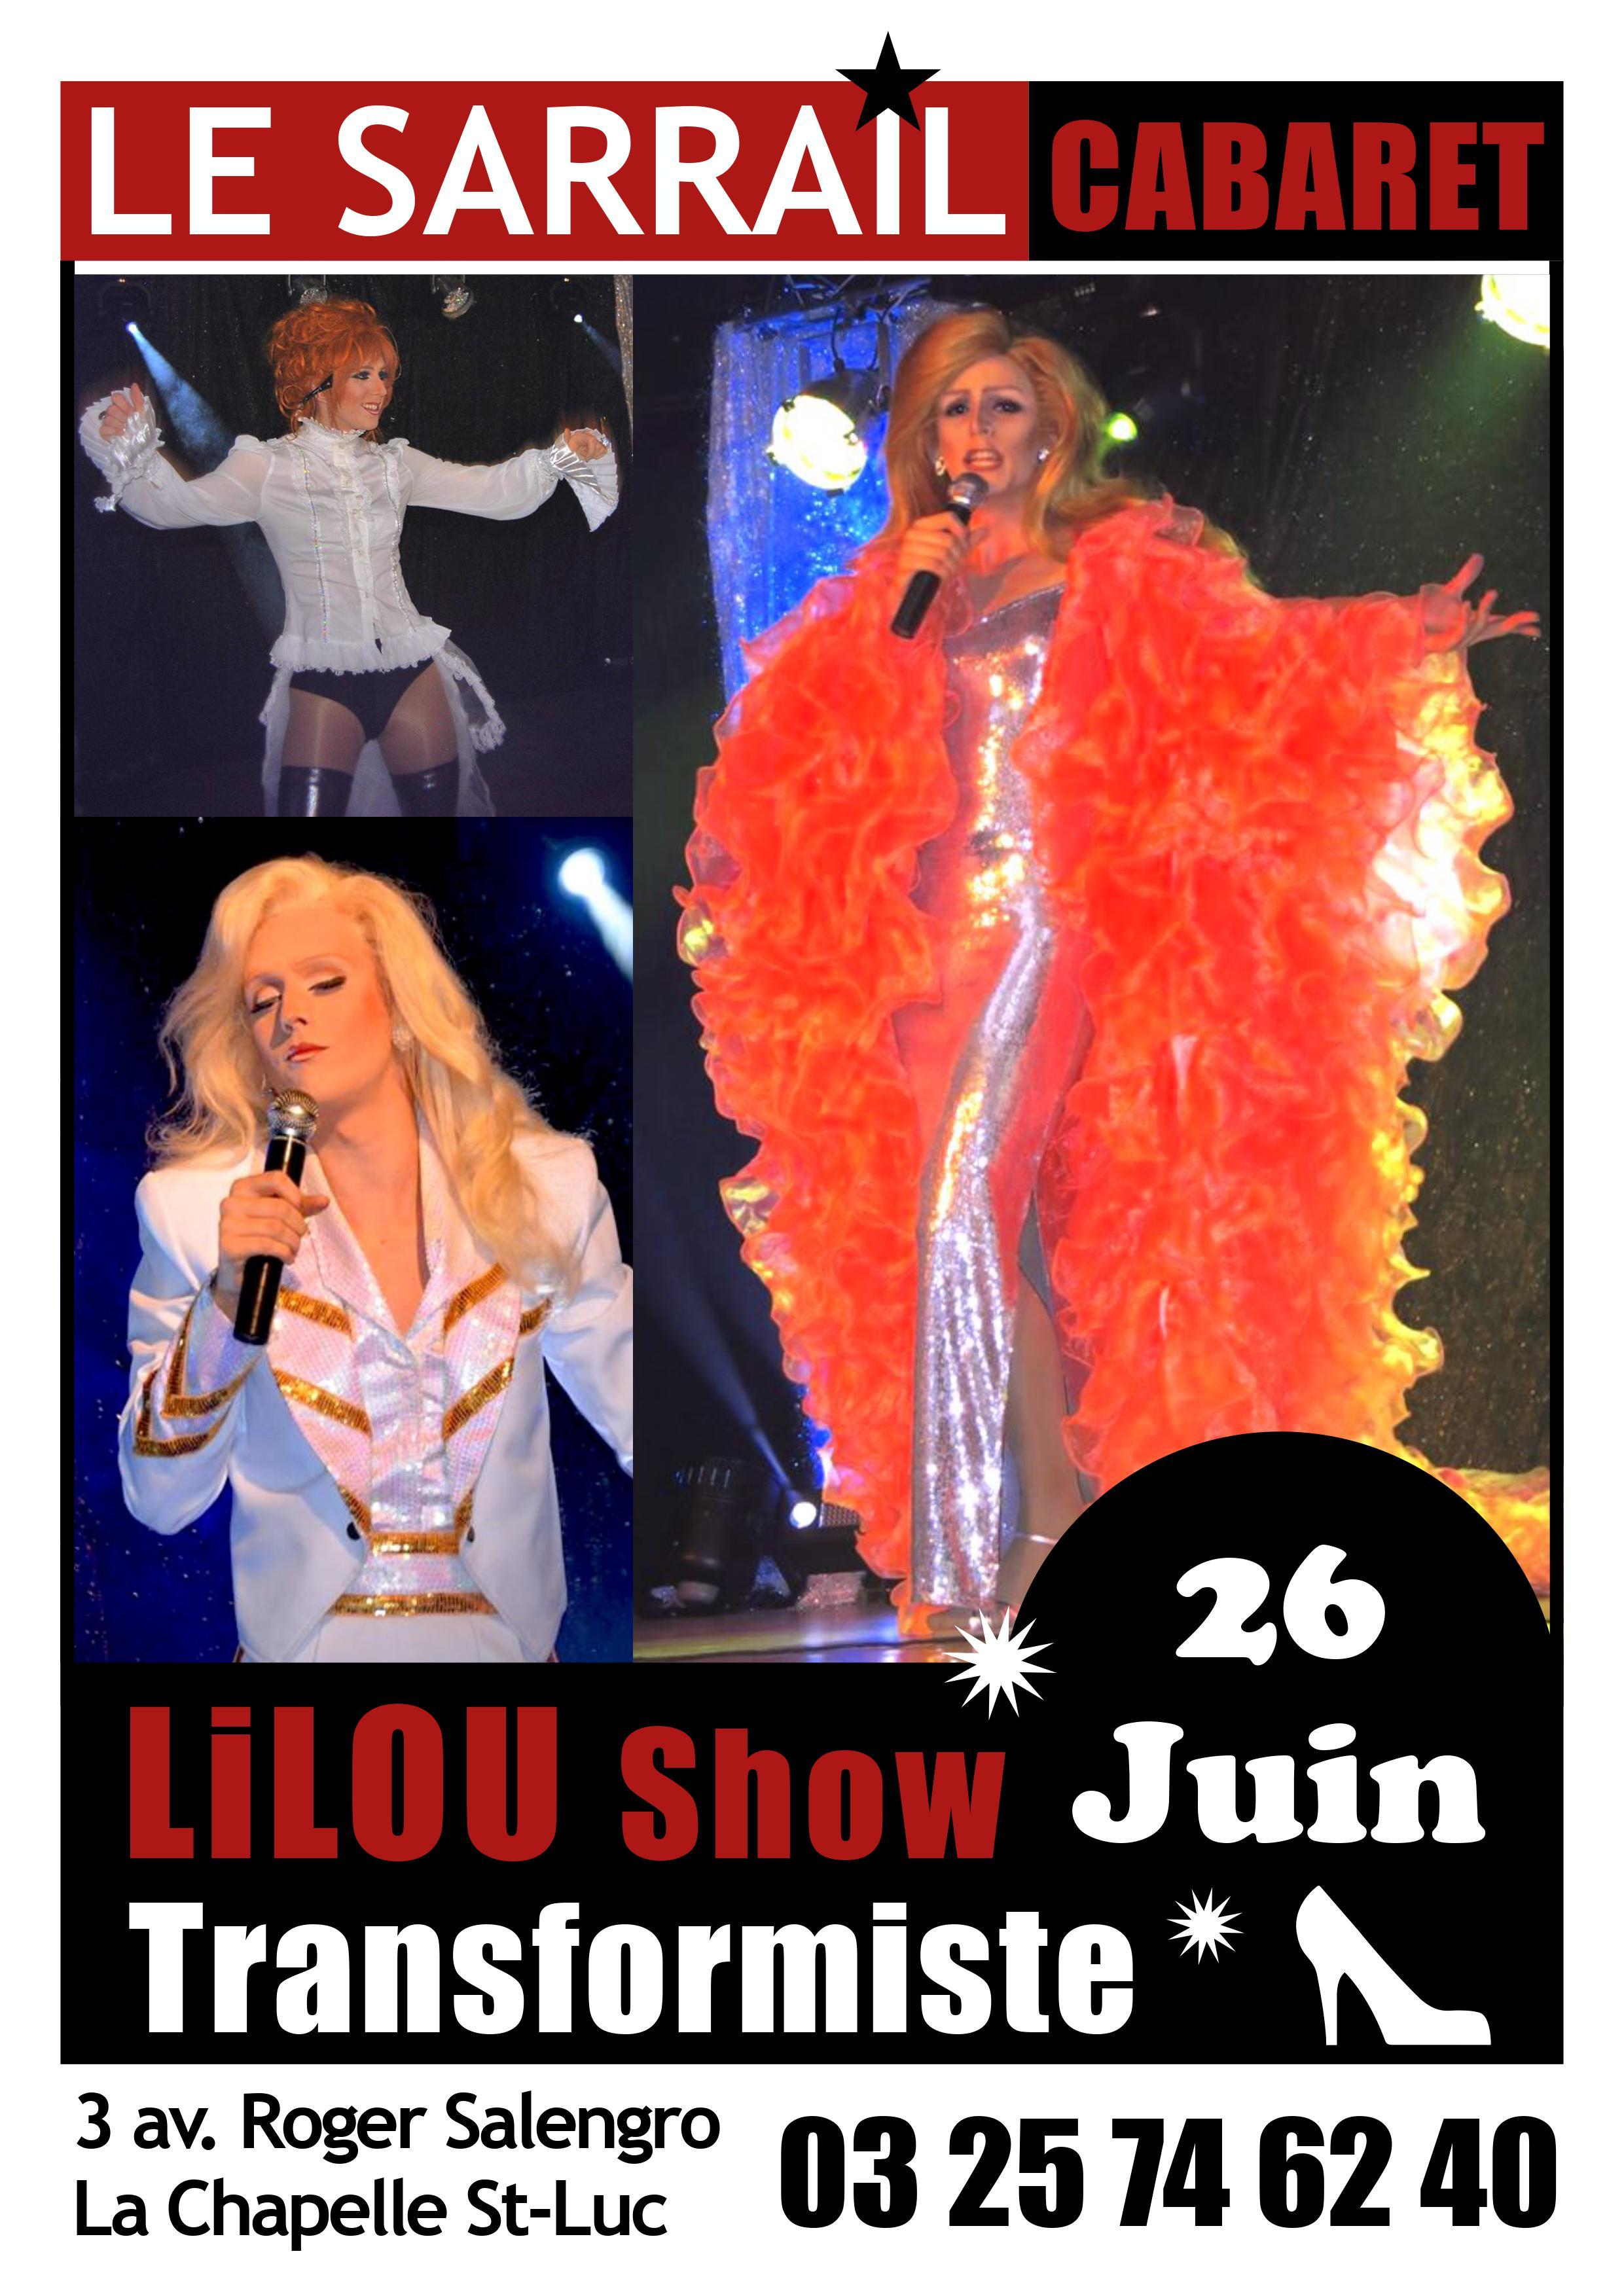 Soirée Lilou Show Transformiste